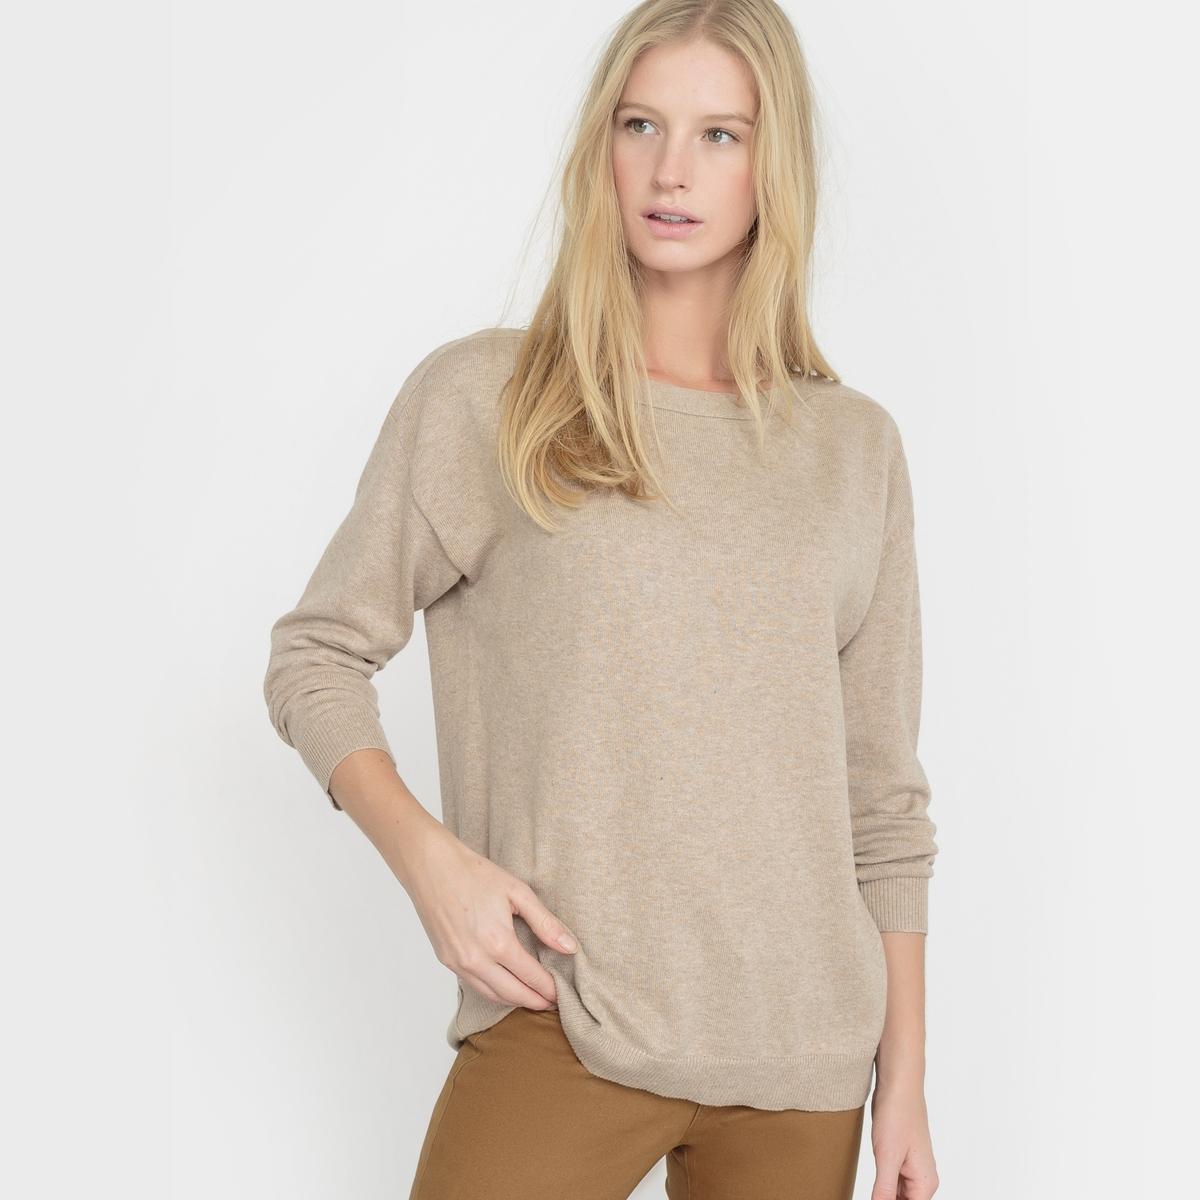 Пуловер свободного покроя с вырезом-лодочкой, хлопок/кашемир